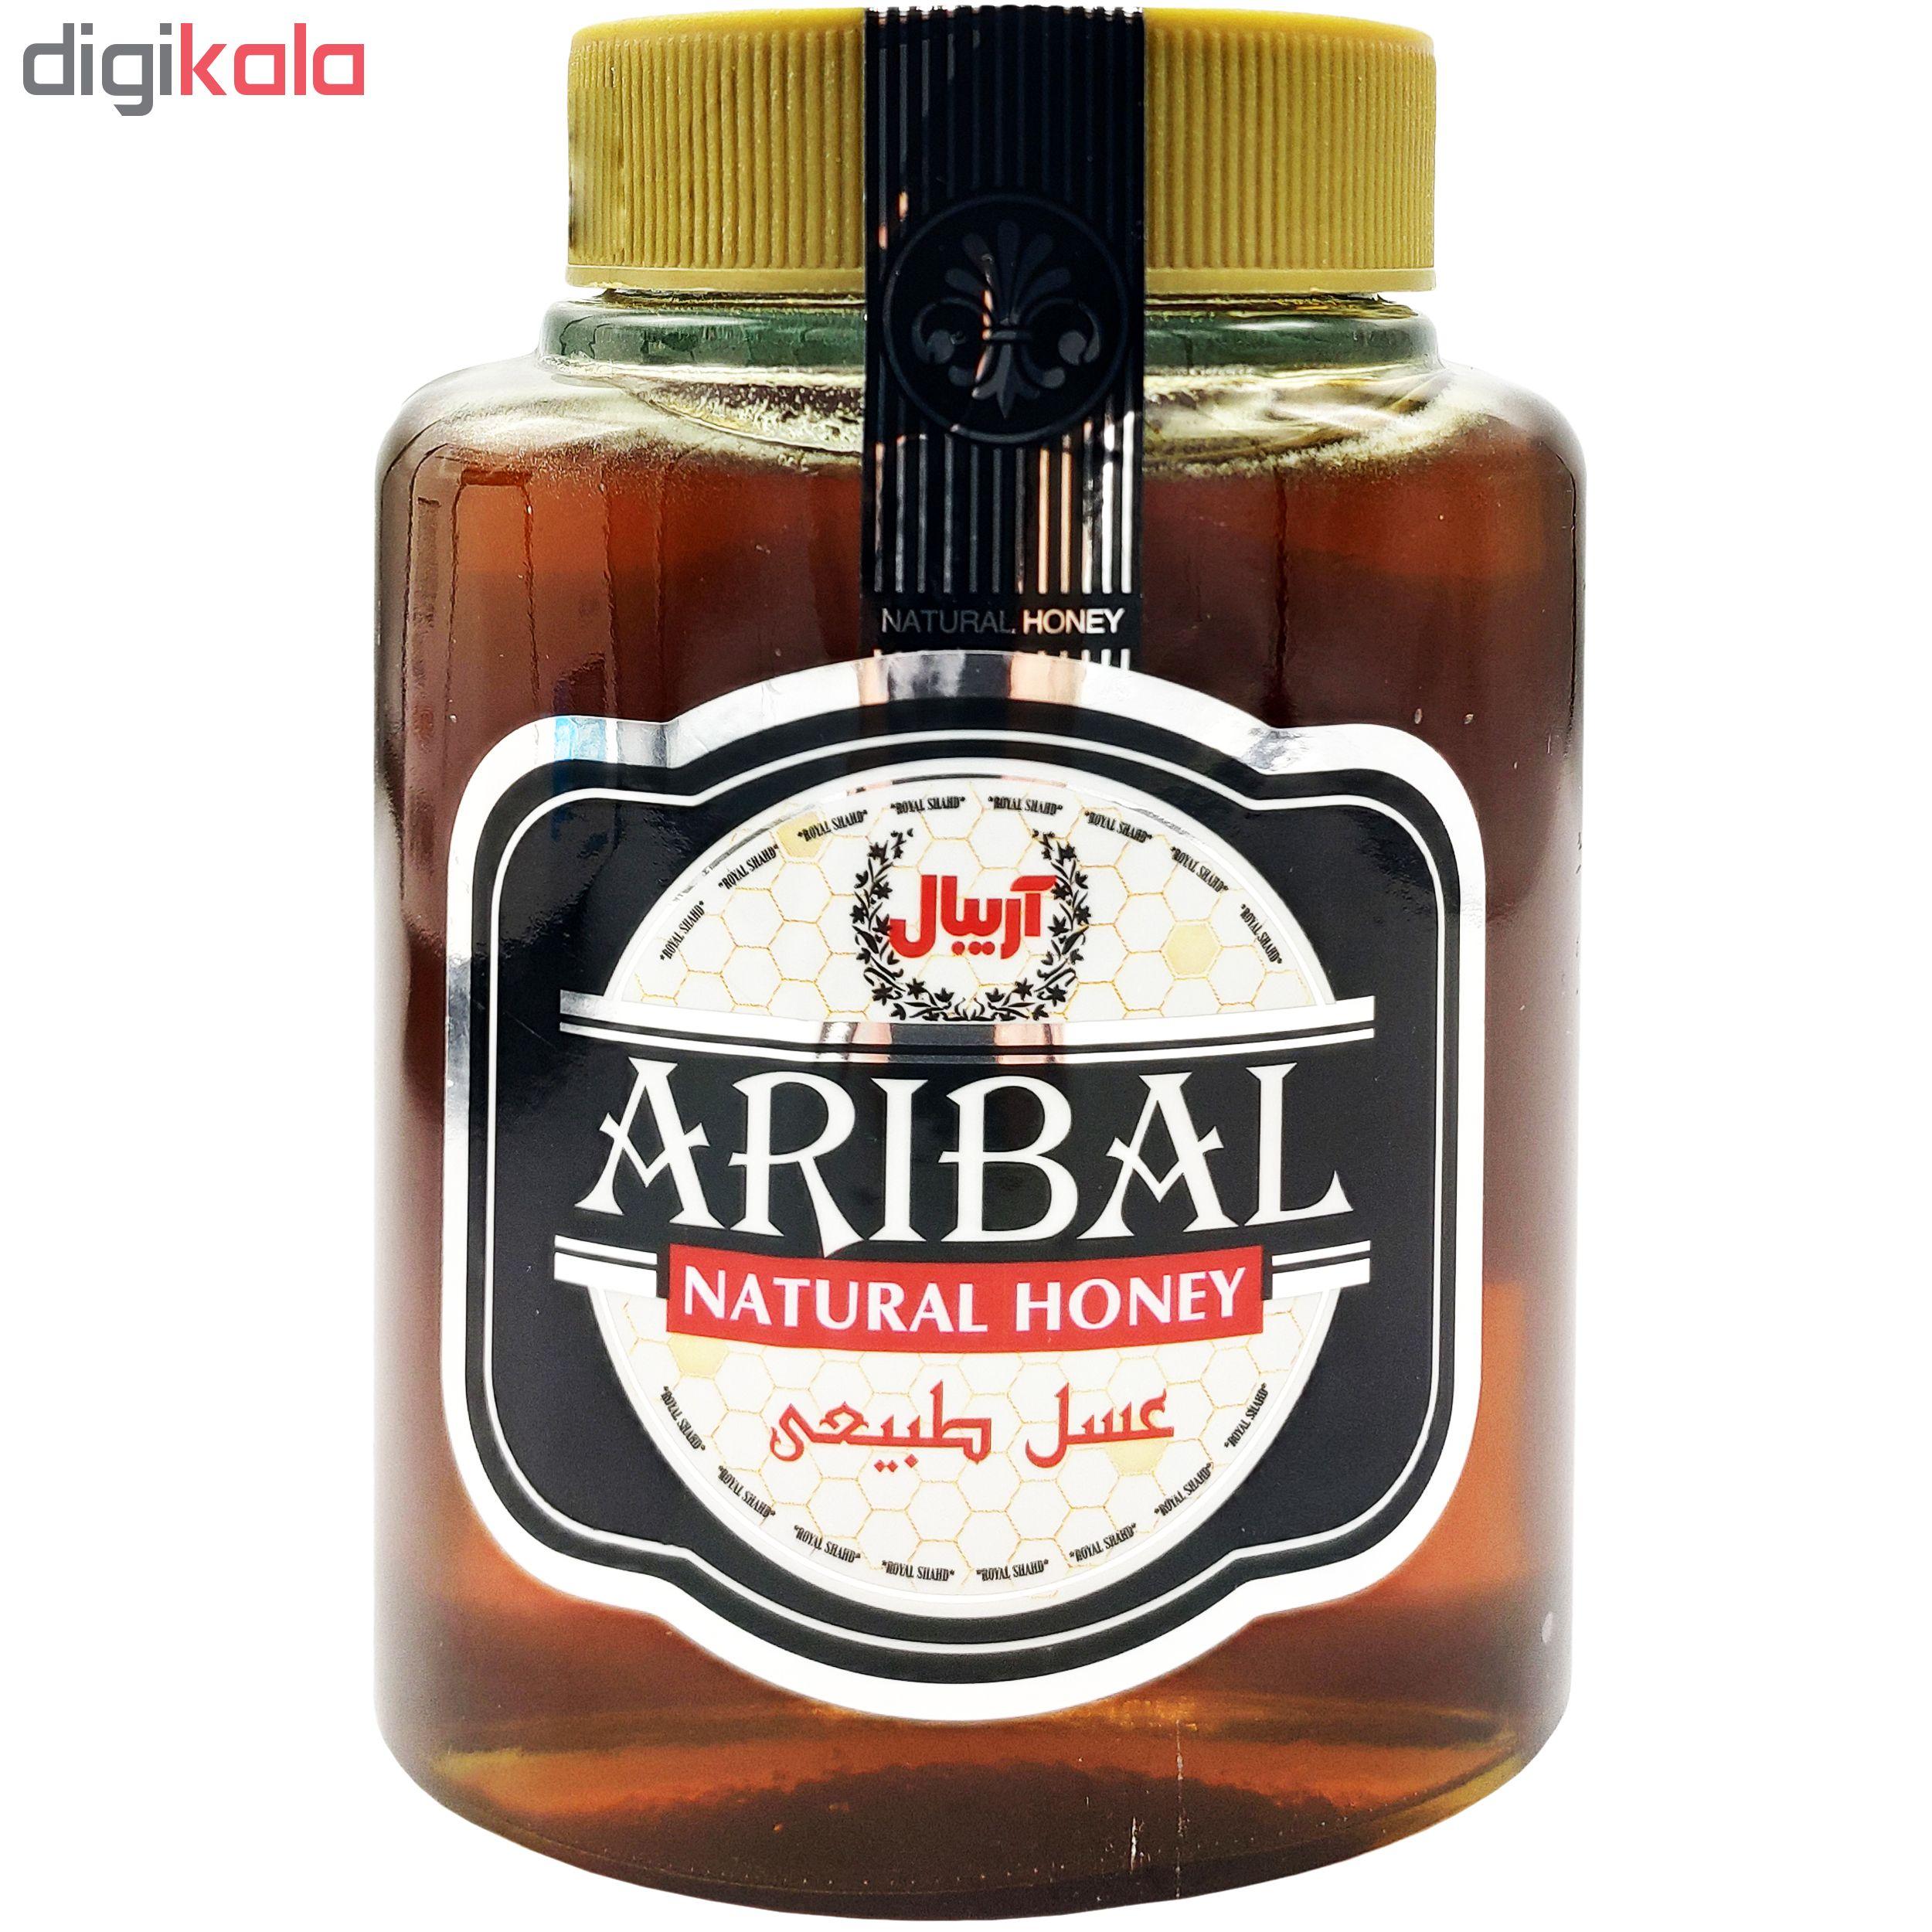 عسل گون آریبال - 800 گرم